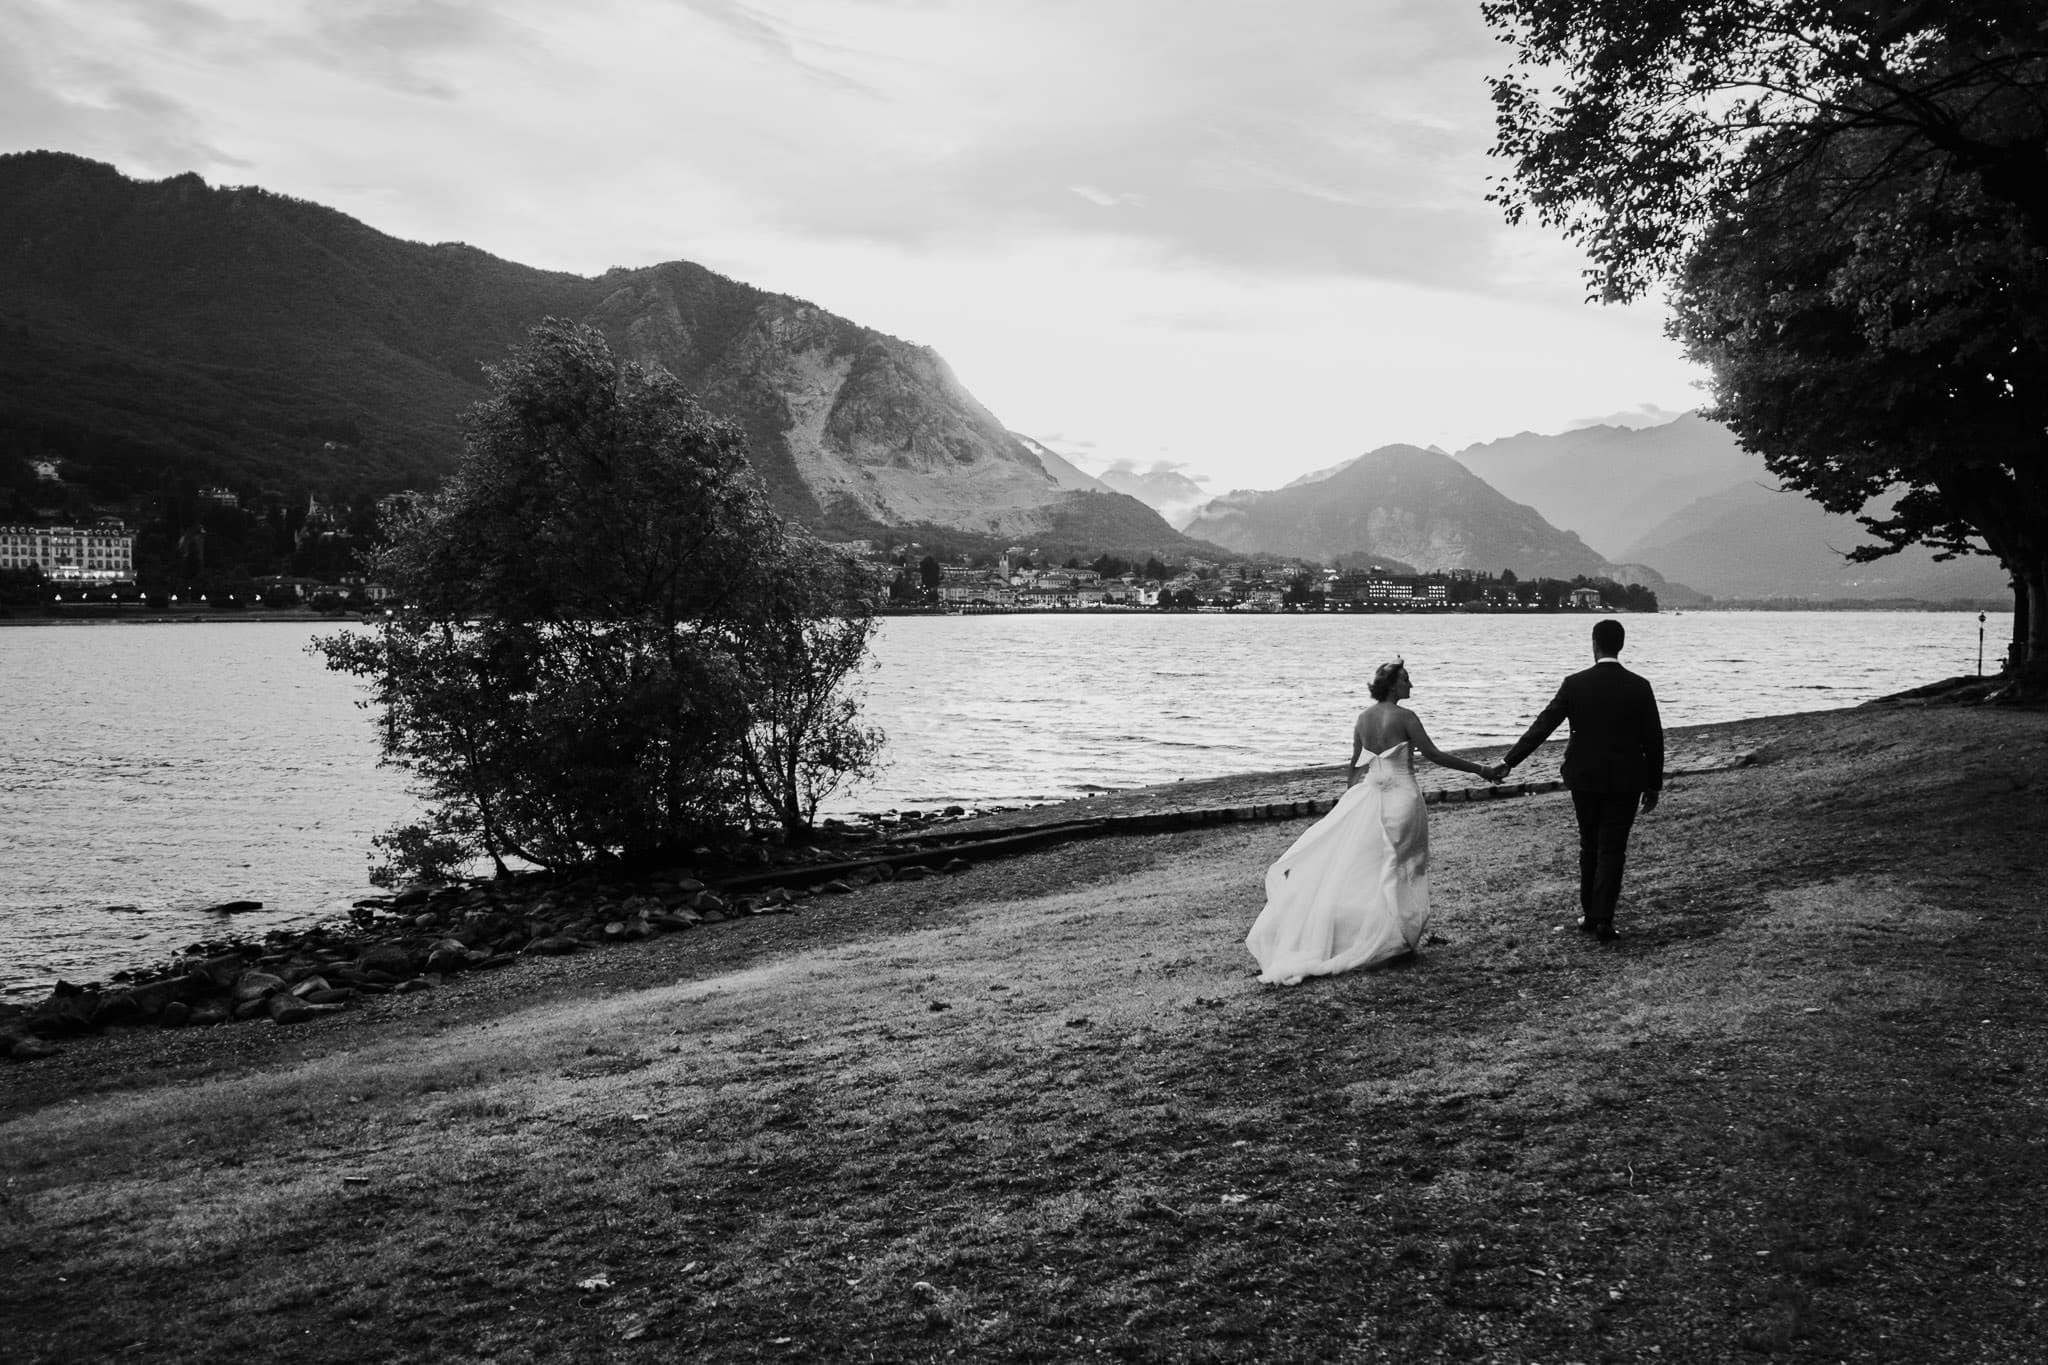 matrimonio Lago maggiore isola dei pescatori6001